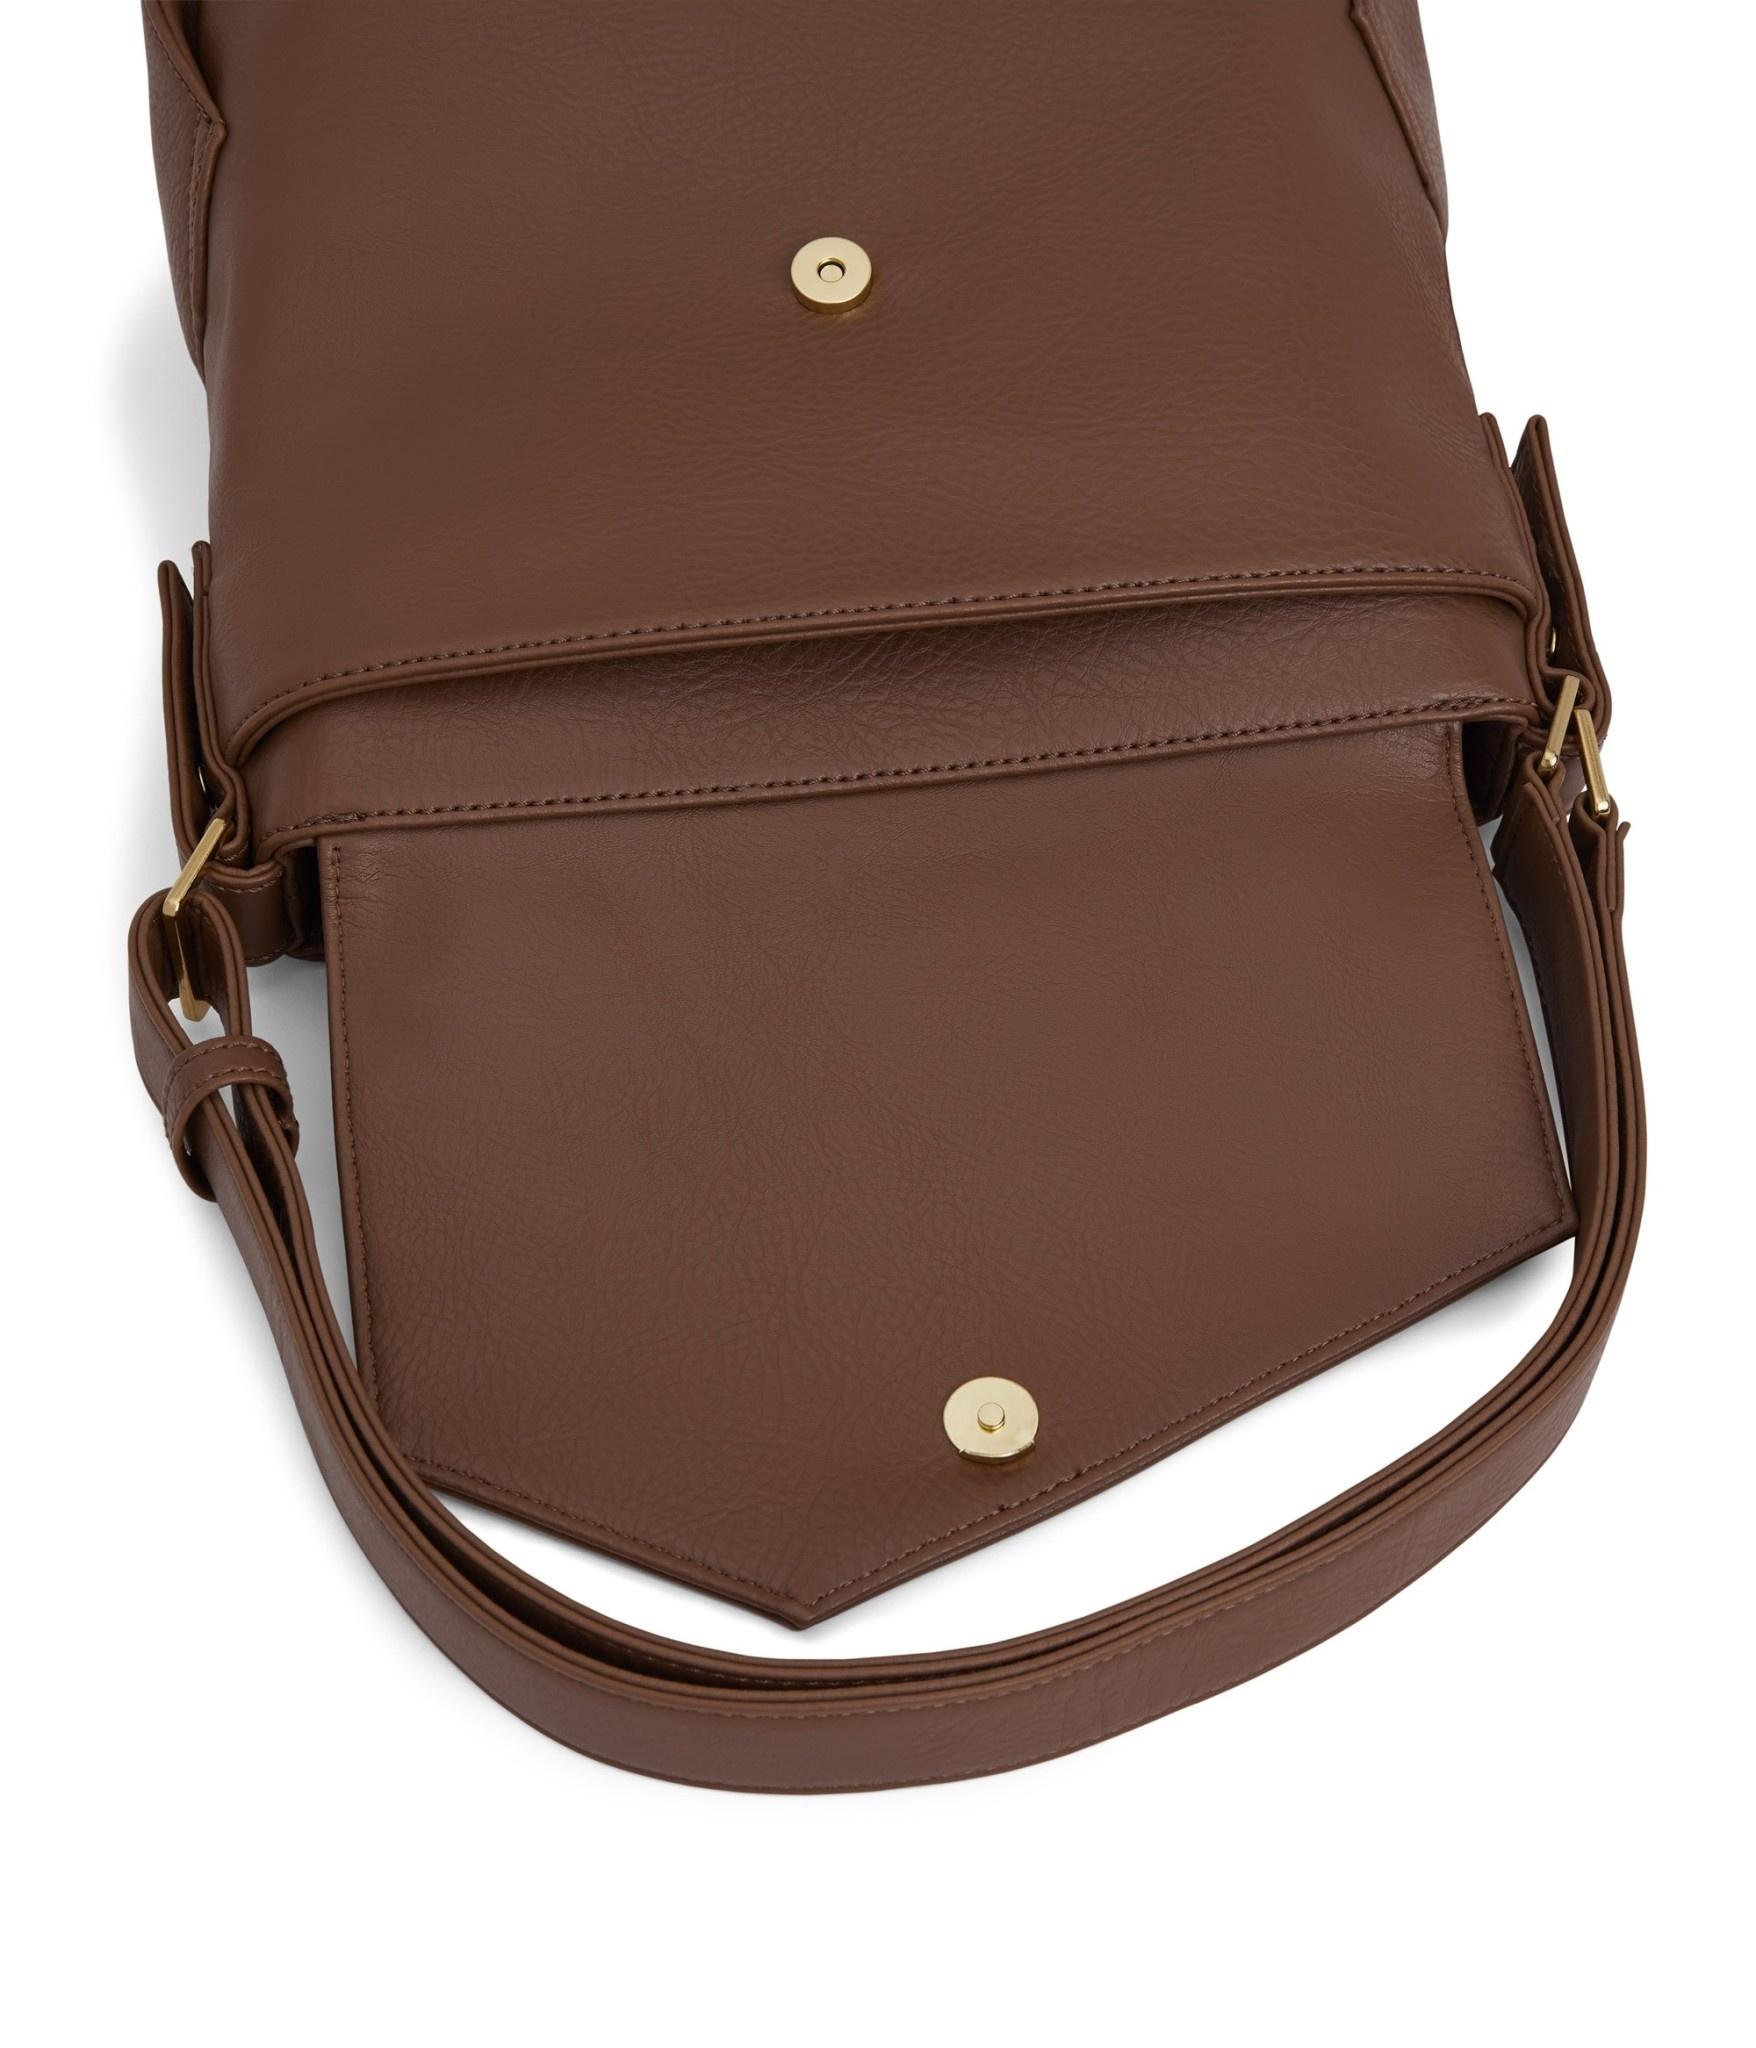 Monkland Dwell Handbag Brown-5